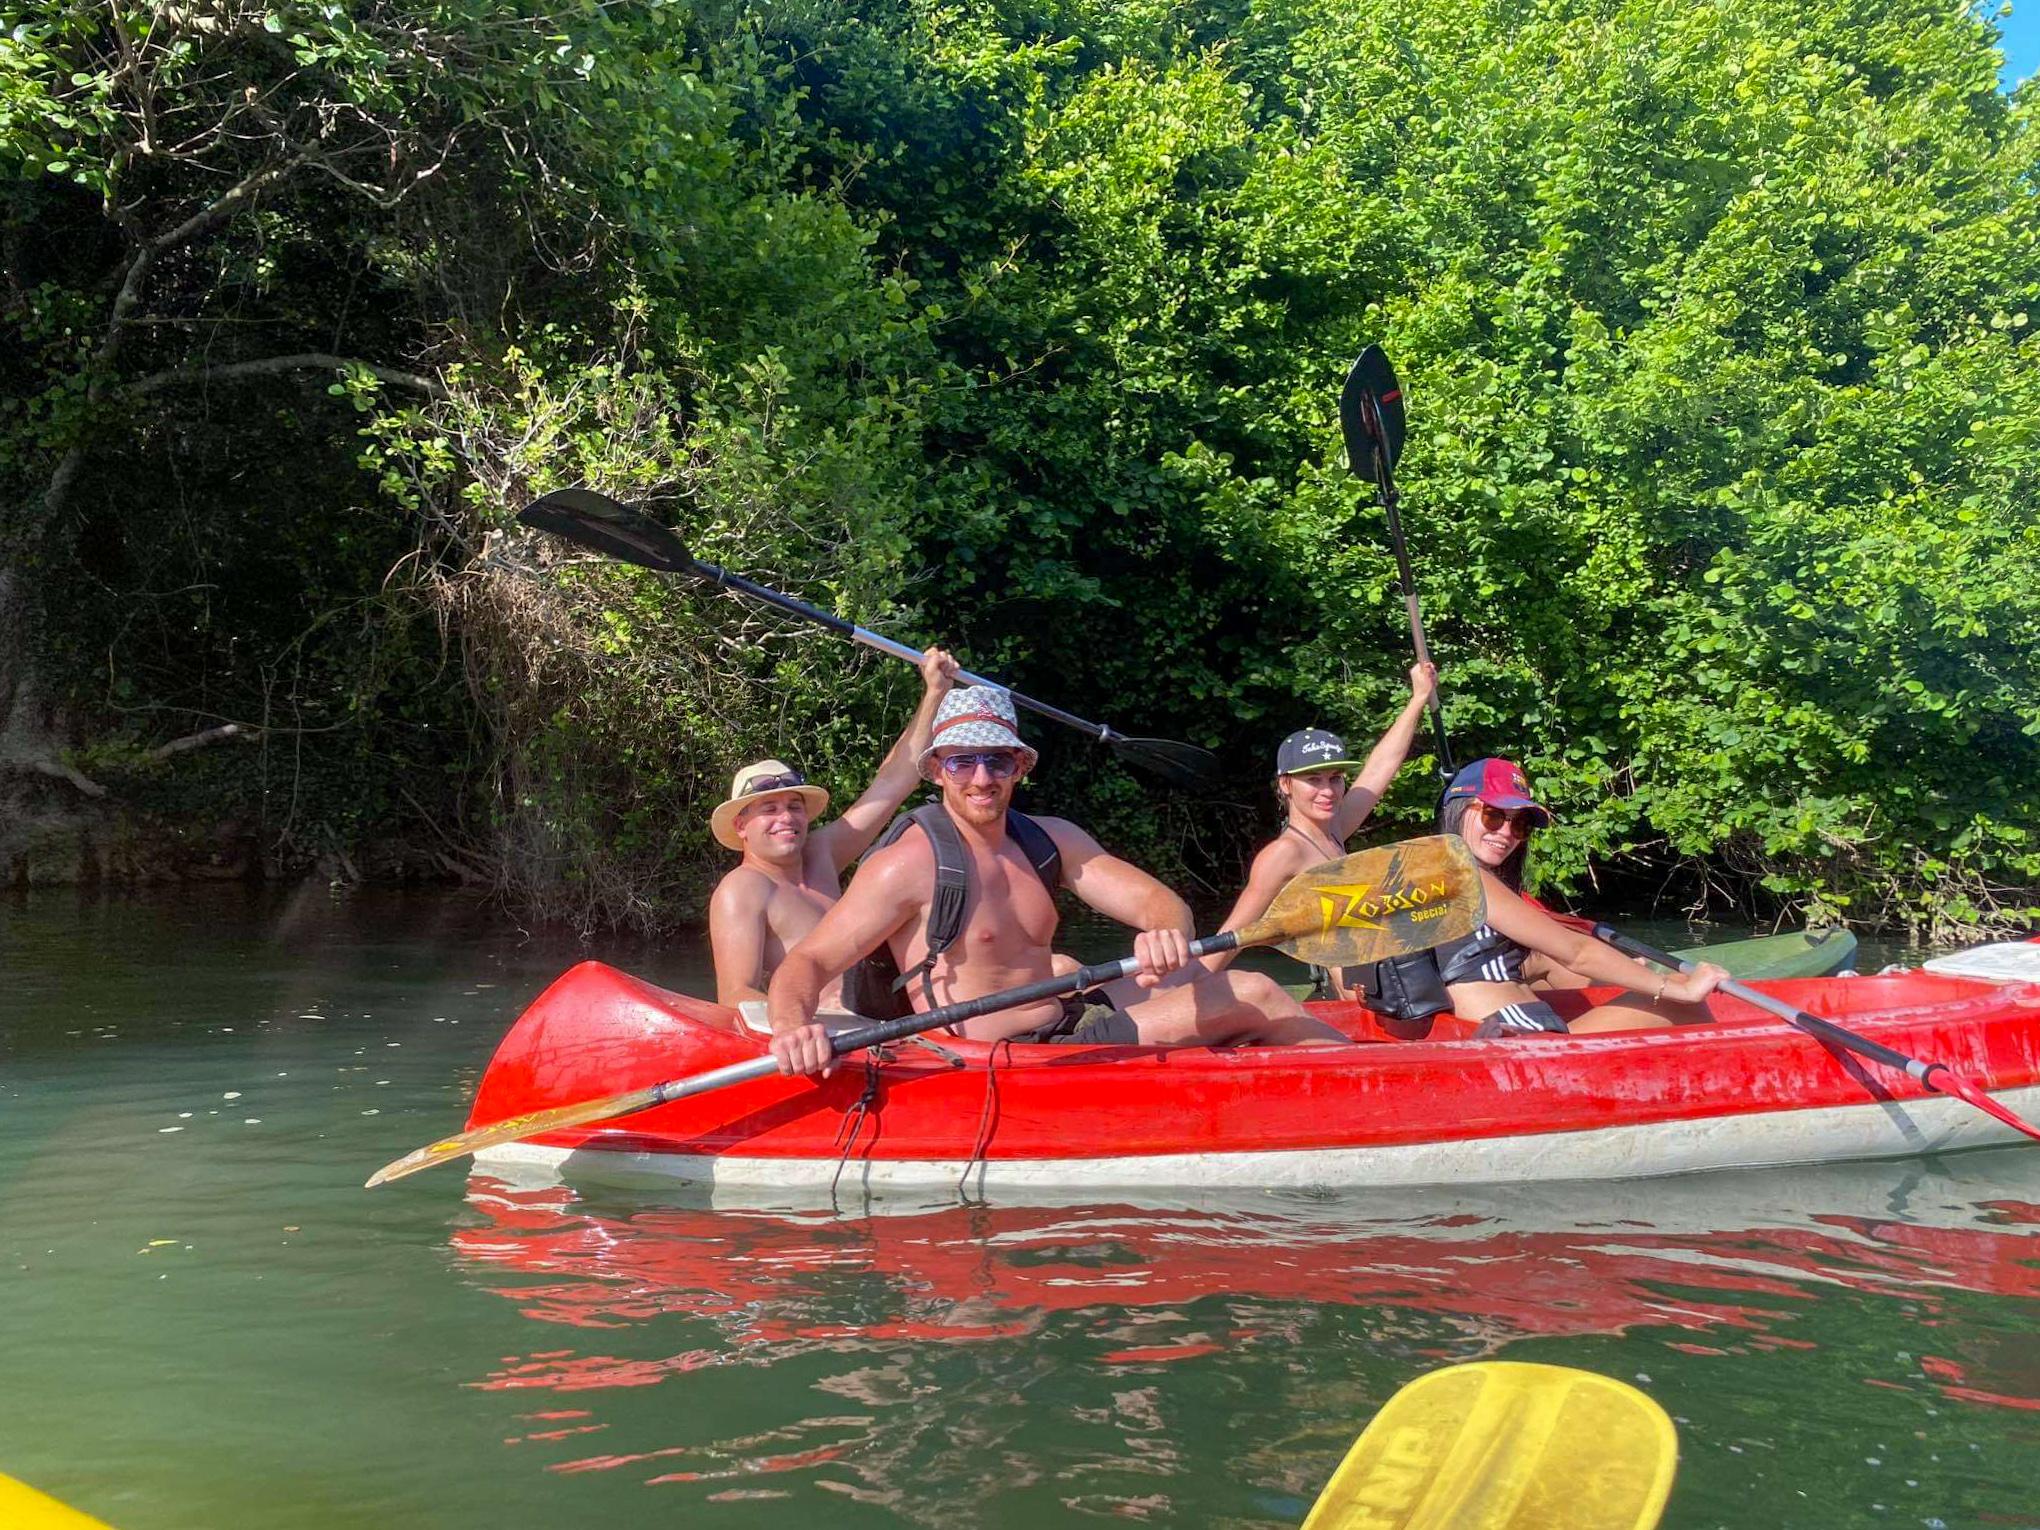 kajakami na rzece Veleka